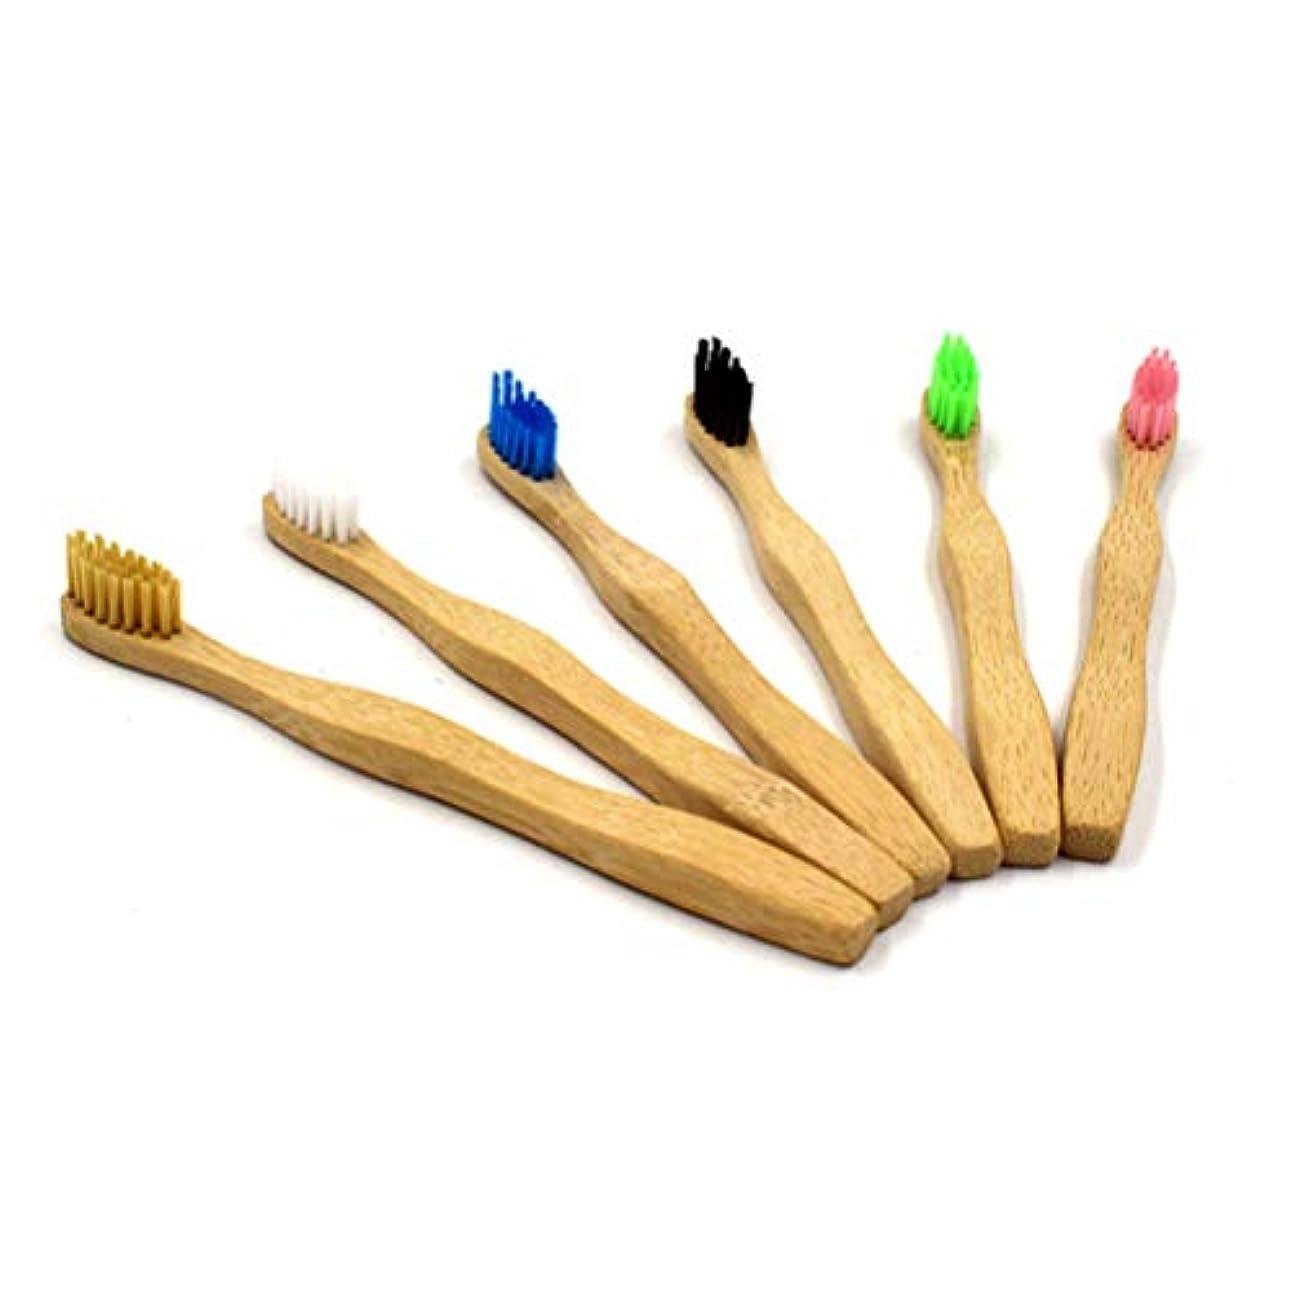 登録する静かな一元化するSUPVOX 家族のための振られたハンドルが付いている自然なタケ歯ブラシの木の環境に優しい歯ブラシ8個